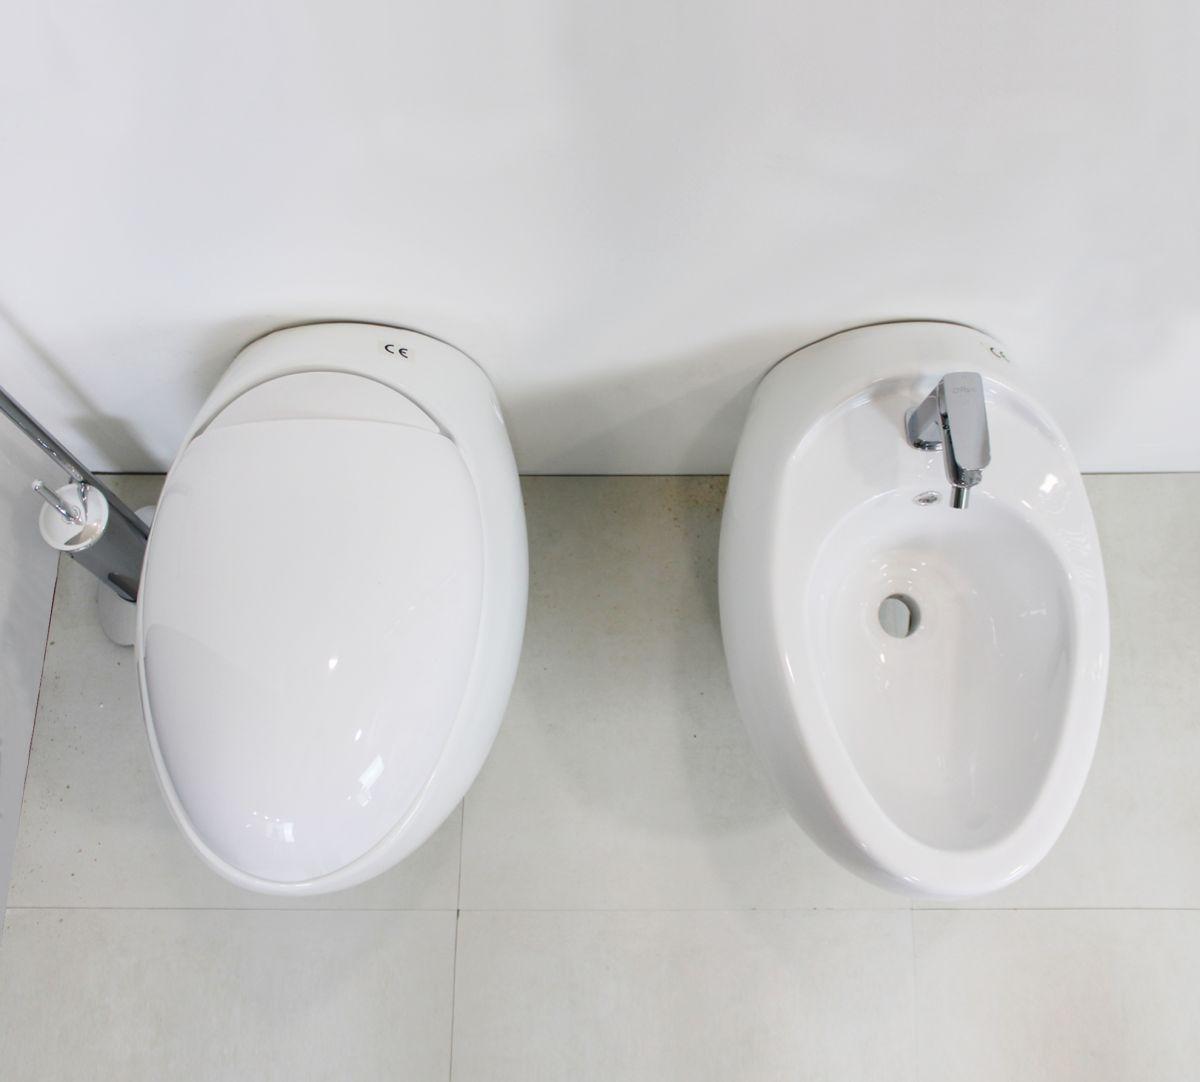 sfera 2 Sanitari Sospesi Sfera in ceramica Vaso+Bidet+Coprivaso Soft Close